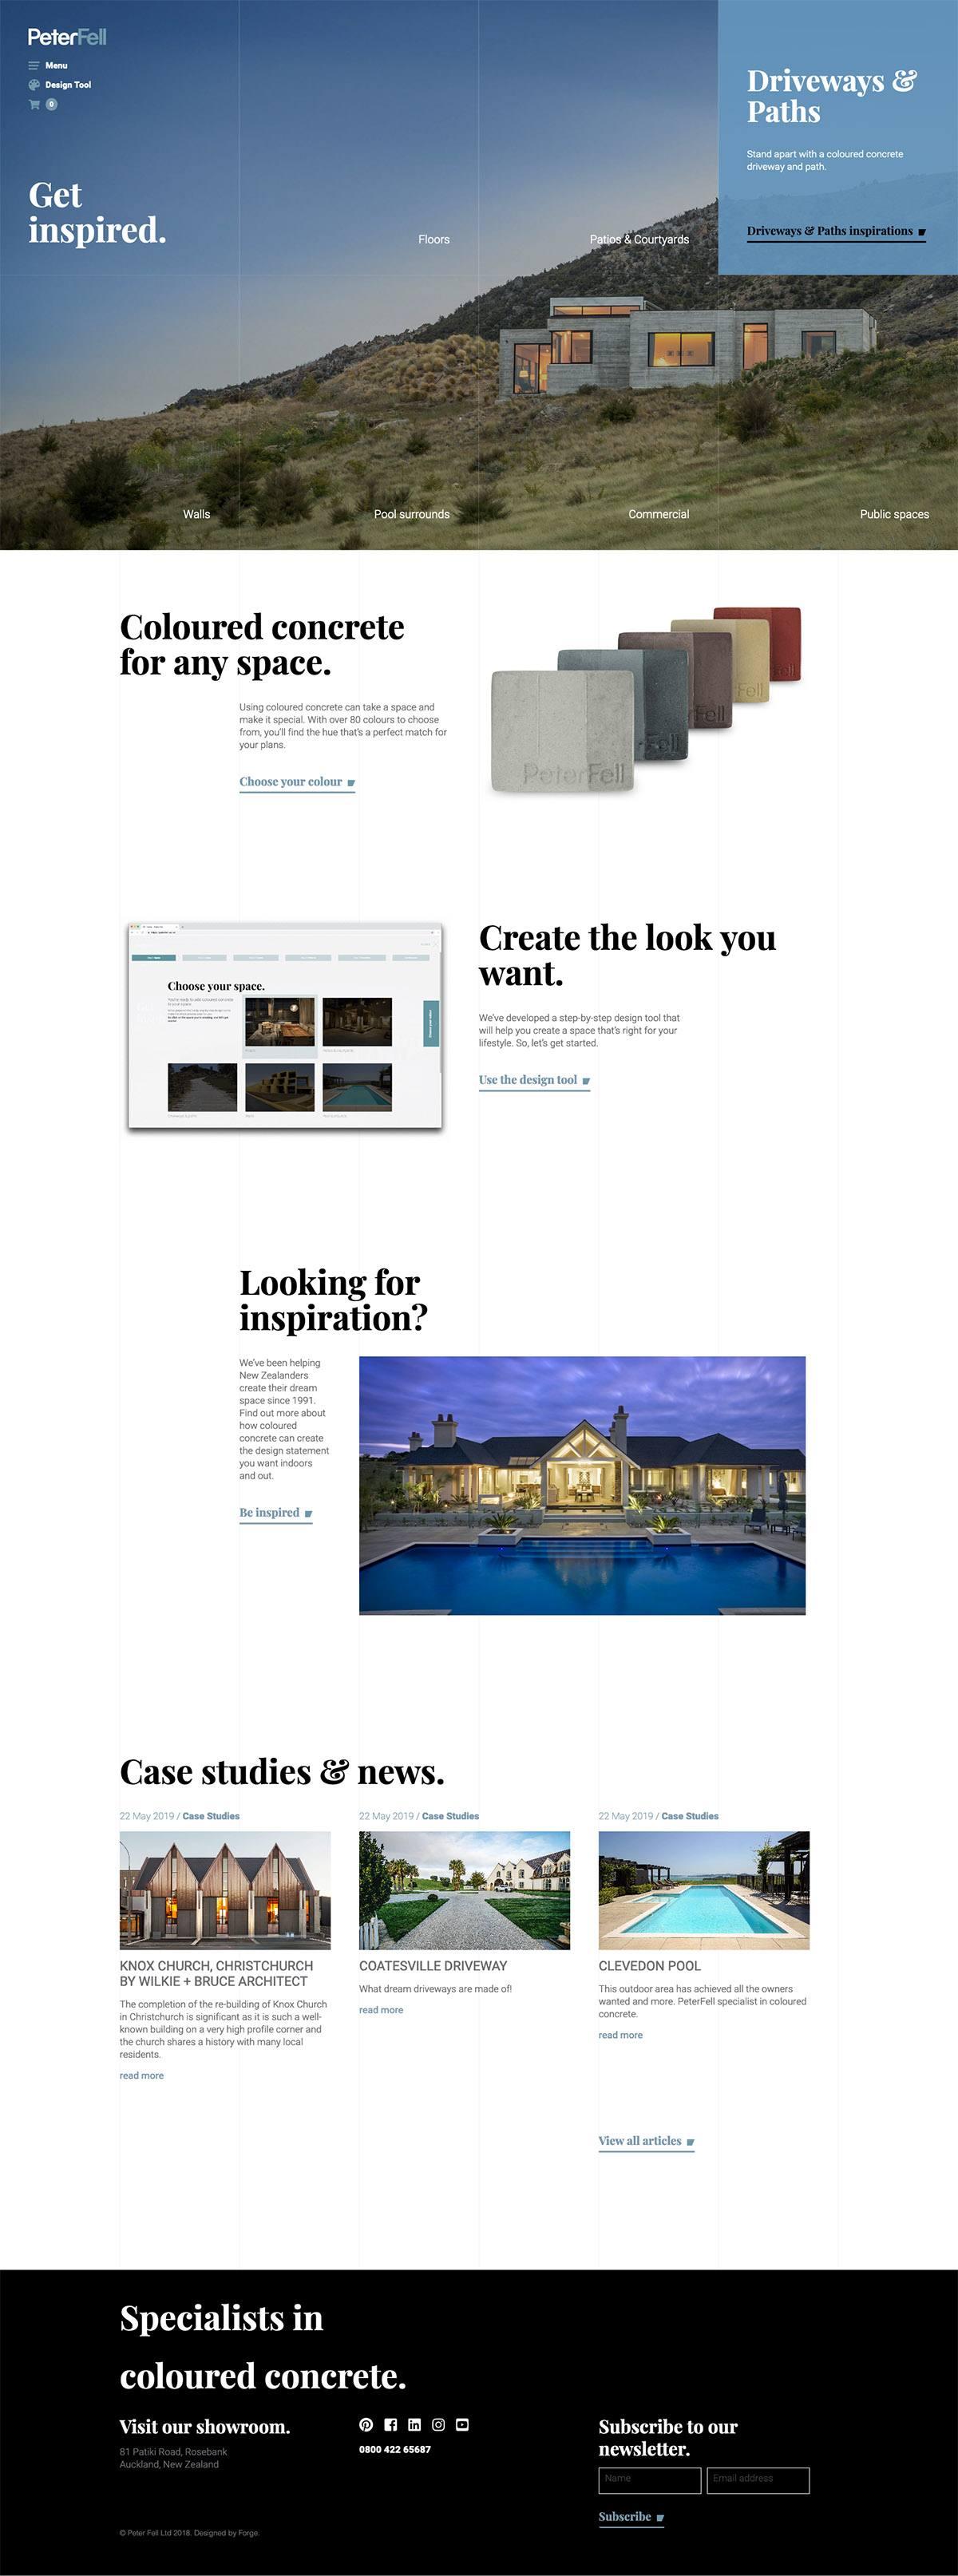 eCommerce website: Peter Fell Ltd